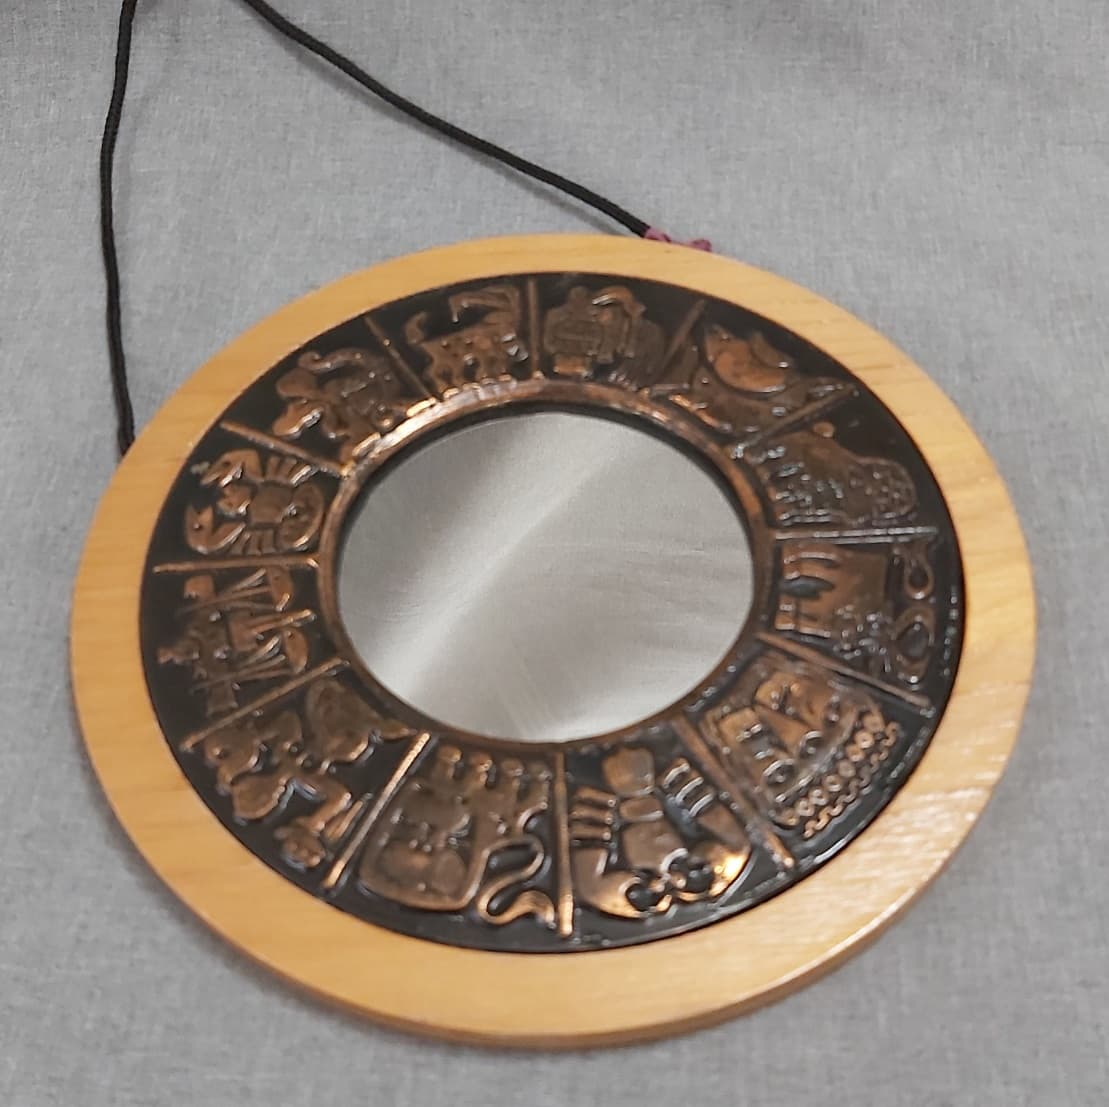 Horoszkóp mintás réz-fa retro tükör